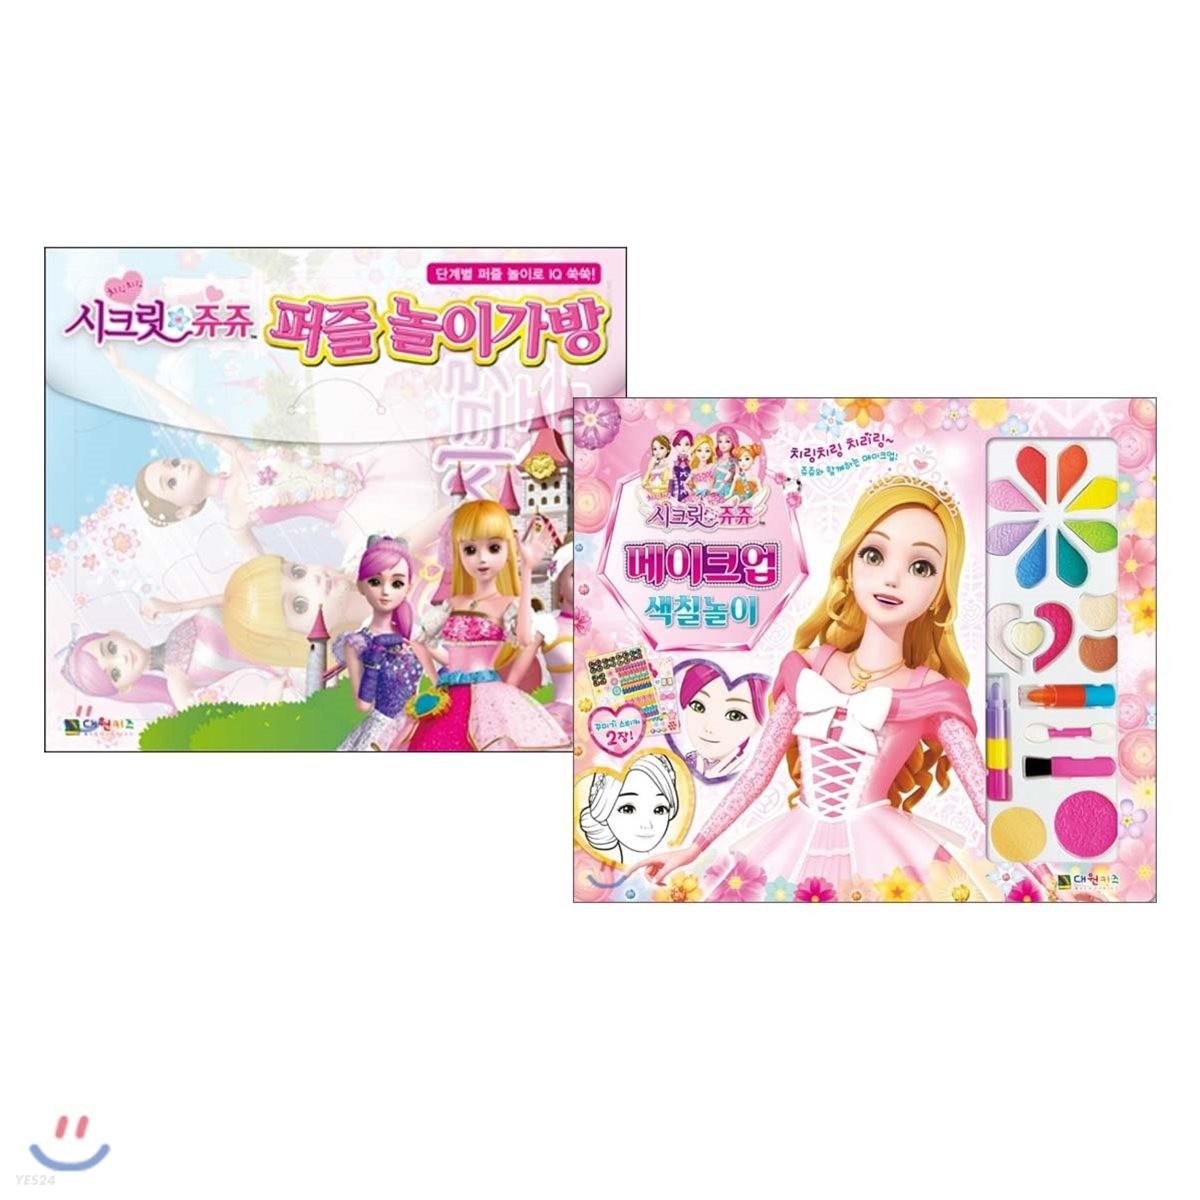 시크릿 쥬쥬 메이크업 색칠놀이 + 퍼즐놀이가방